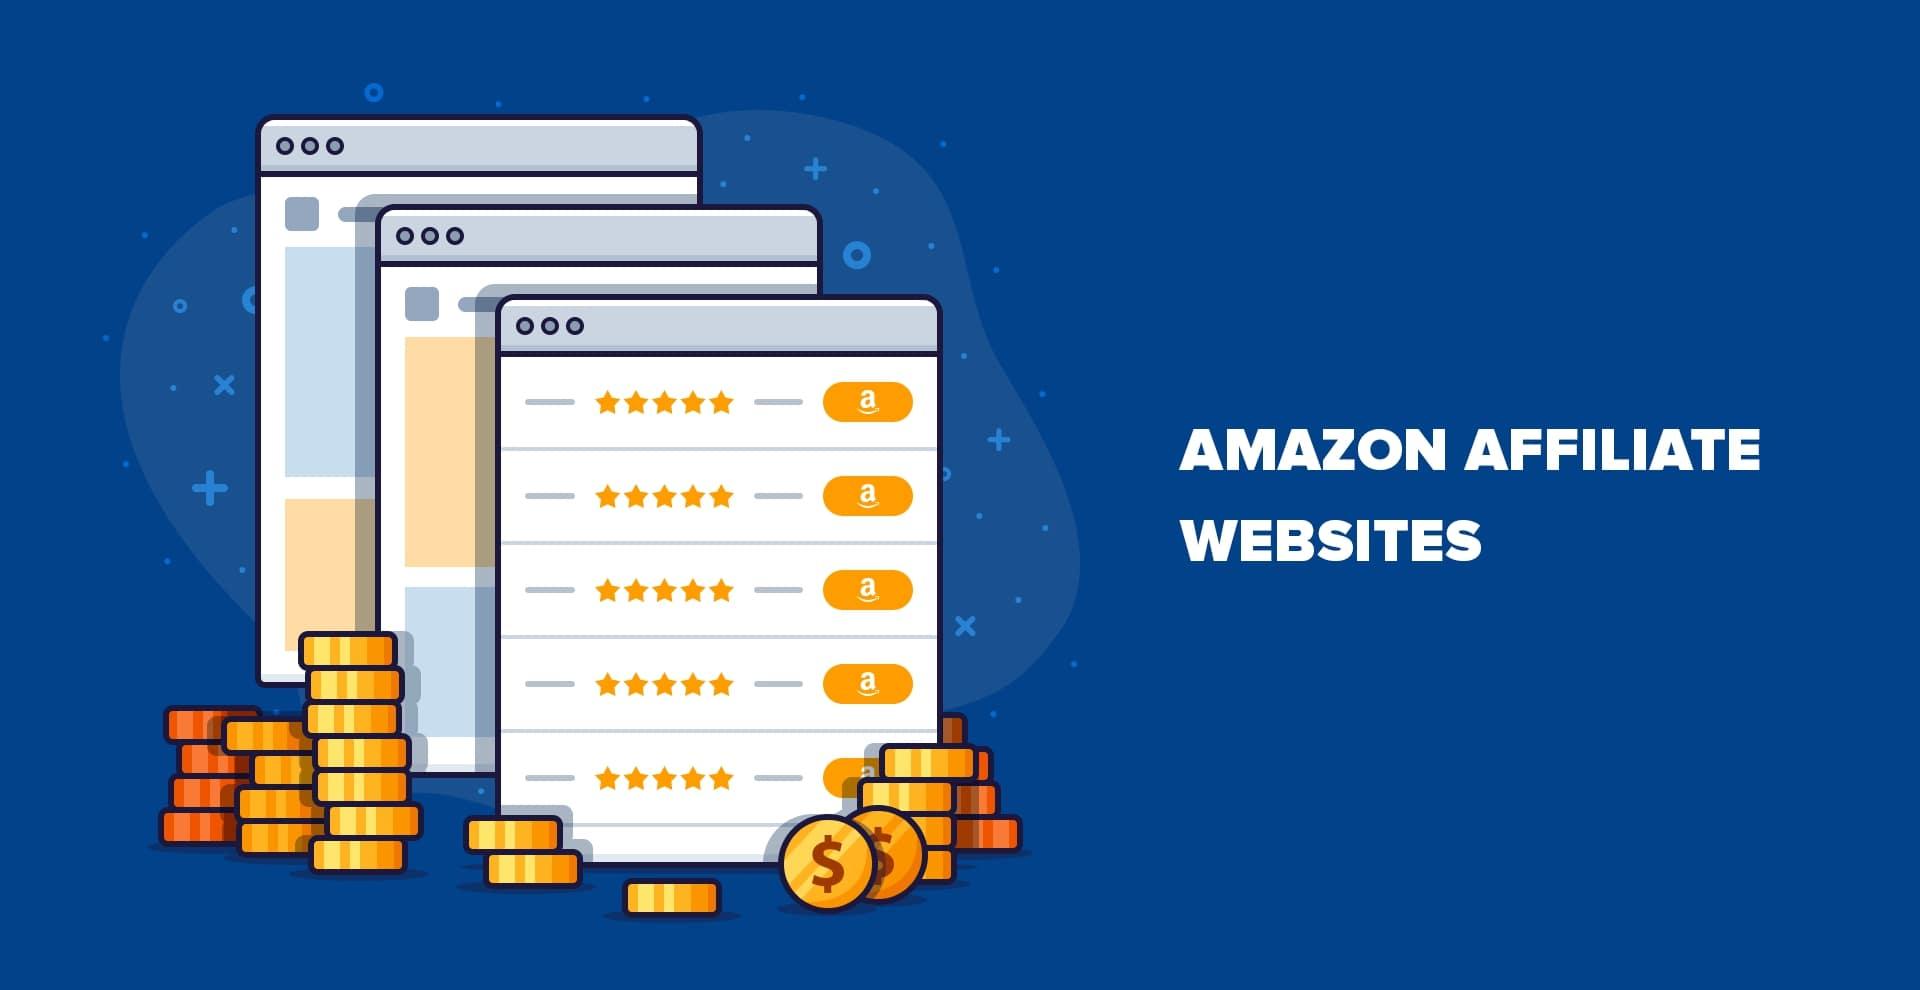 Amazon affiliate websites advantages